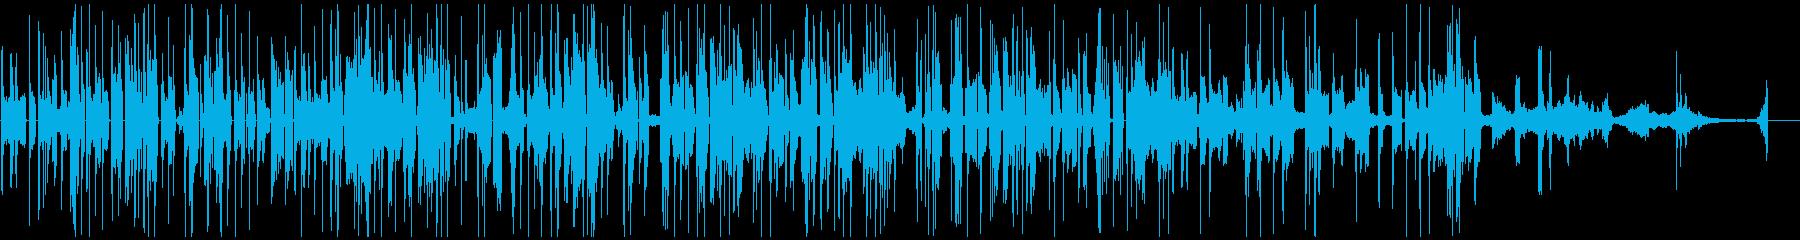 様々な金属音で構成されたテクノポップの再生済みの波形